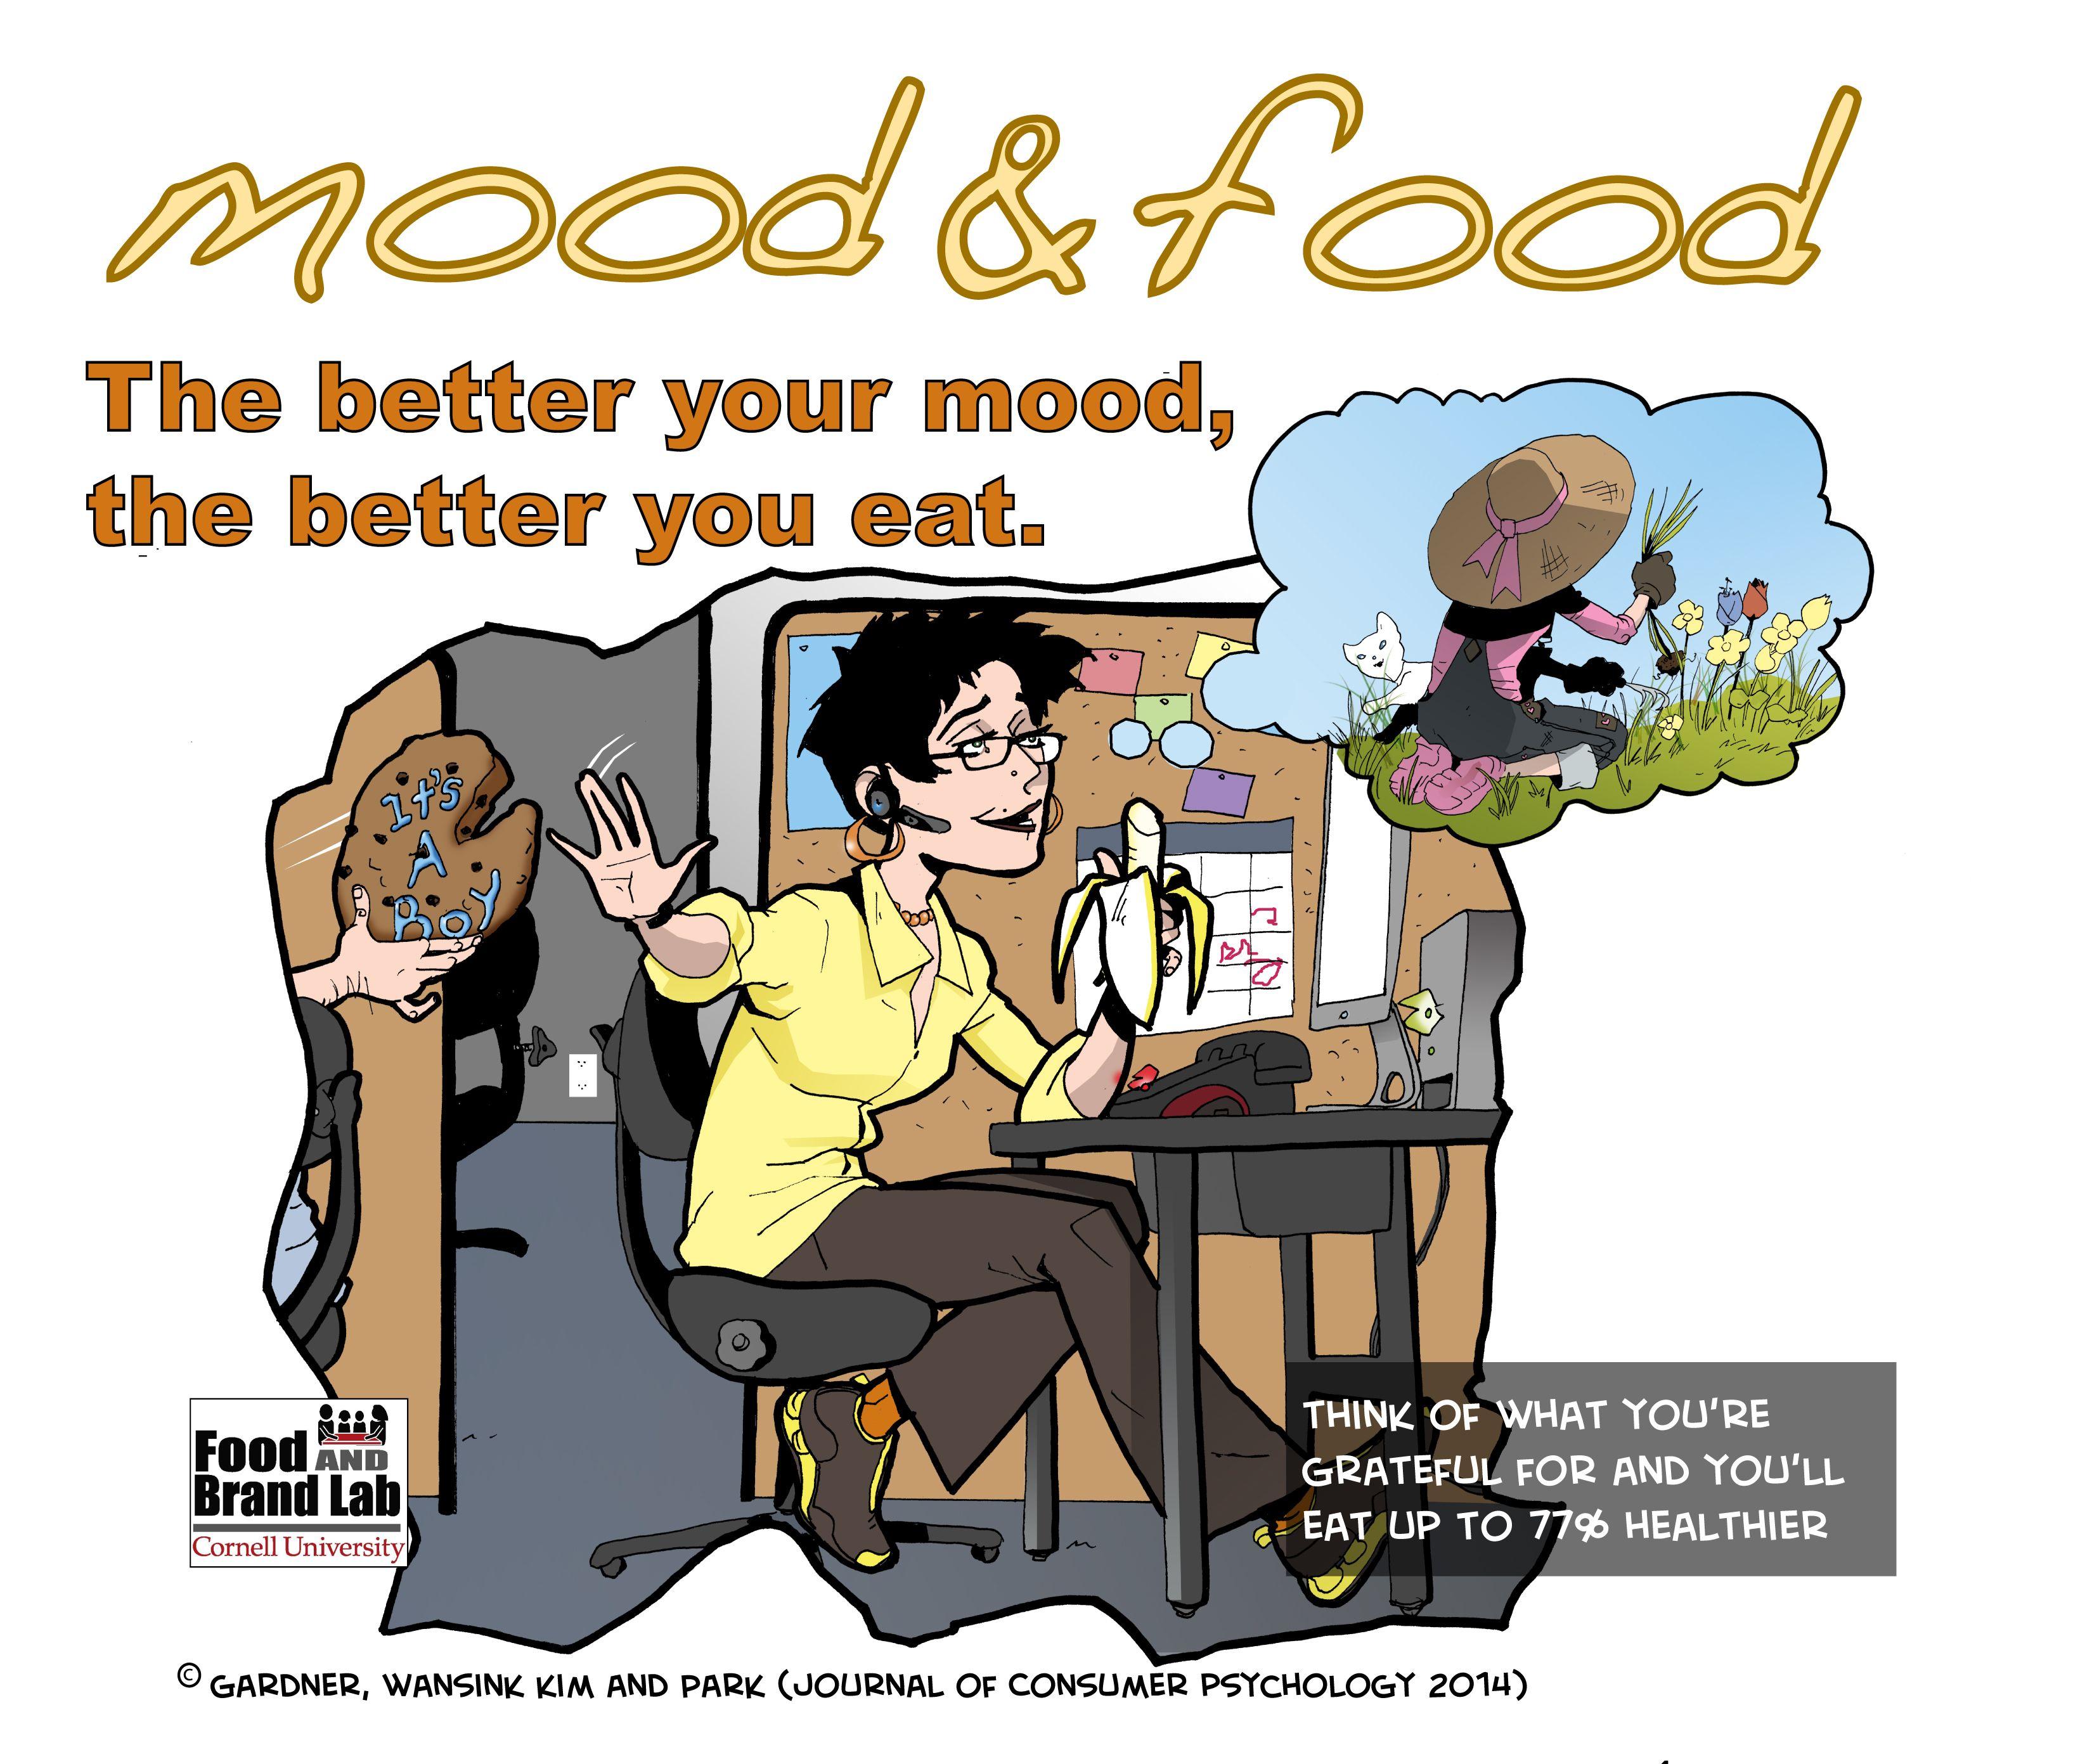 how to make good mood